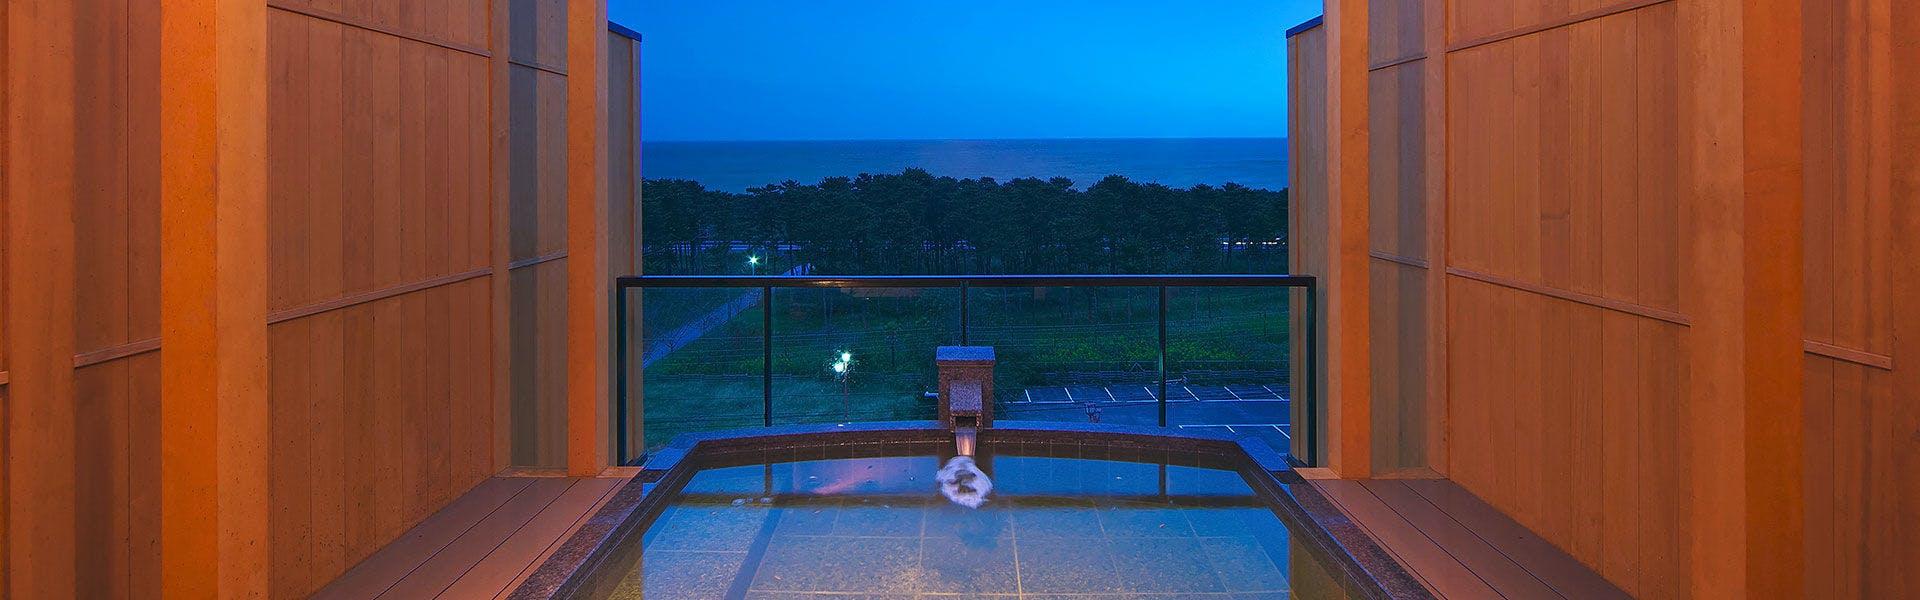 記念日におすすめのホテル・【和海の宿ささ游】 の空室状況を確認するの写真1